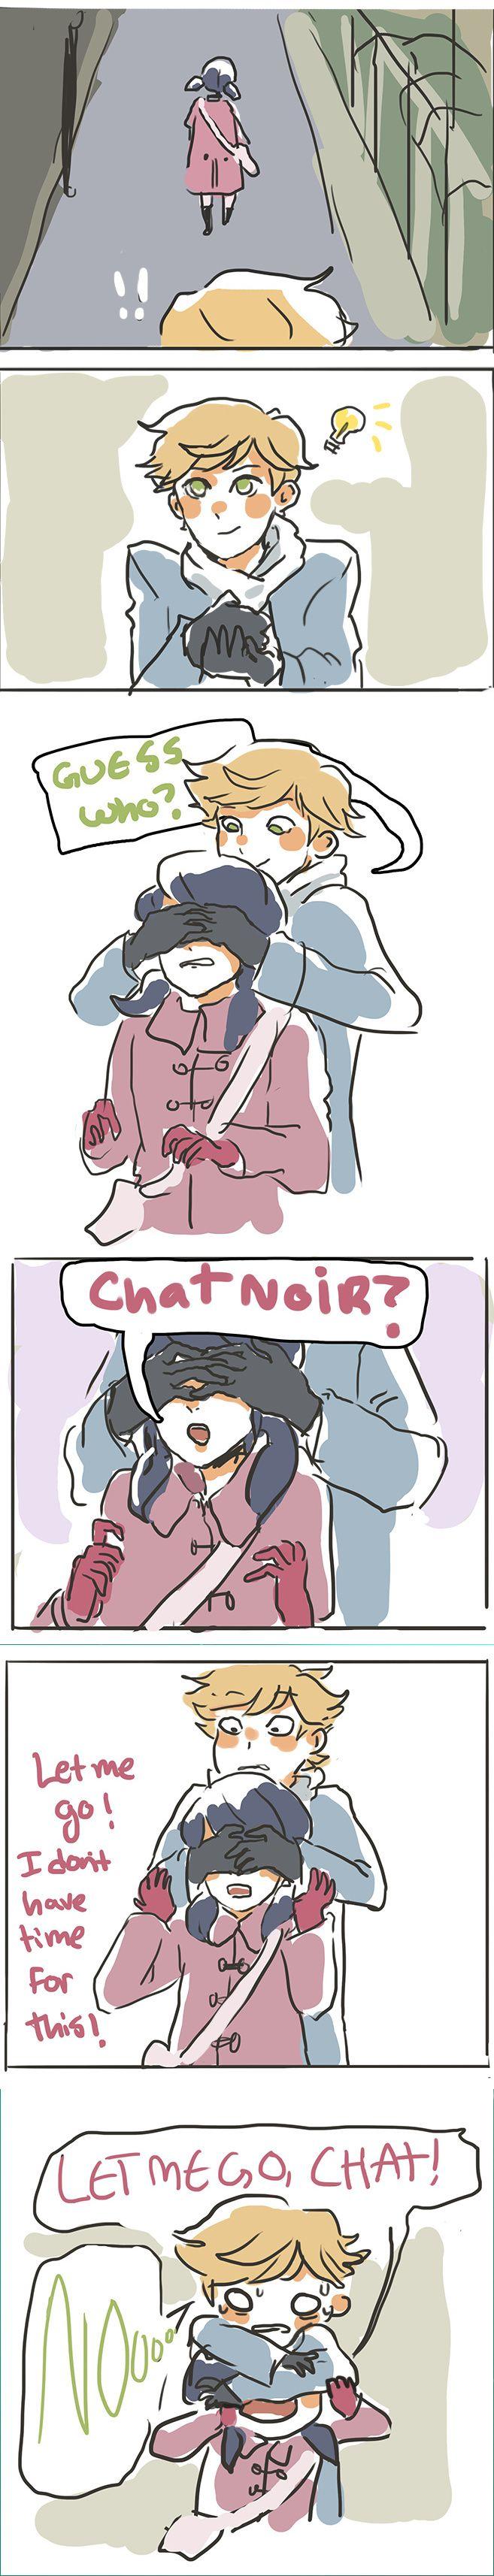 P-pero si ella no está transformada es como si supiera que Chat Noir conoce su verdadera identidad.. aún así xD